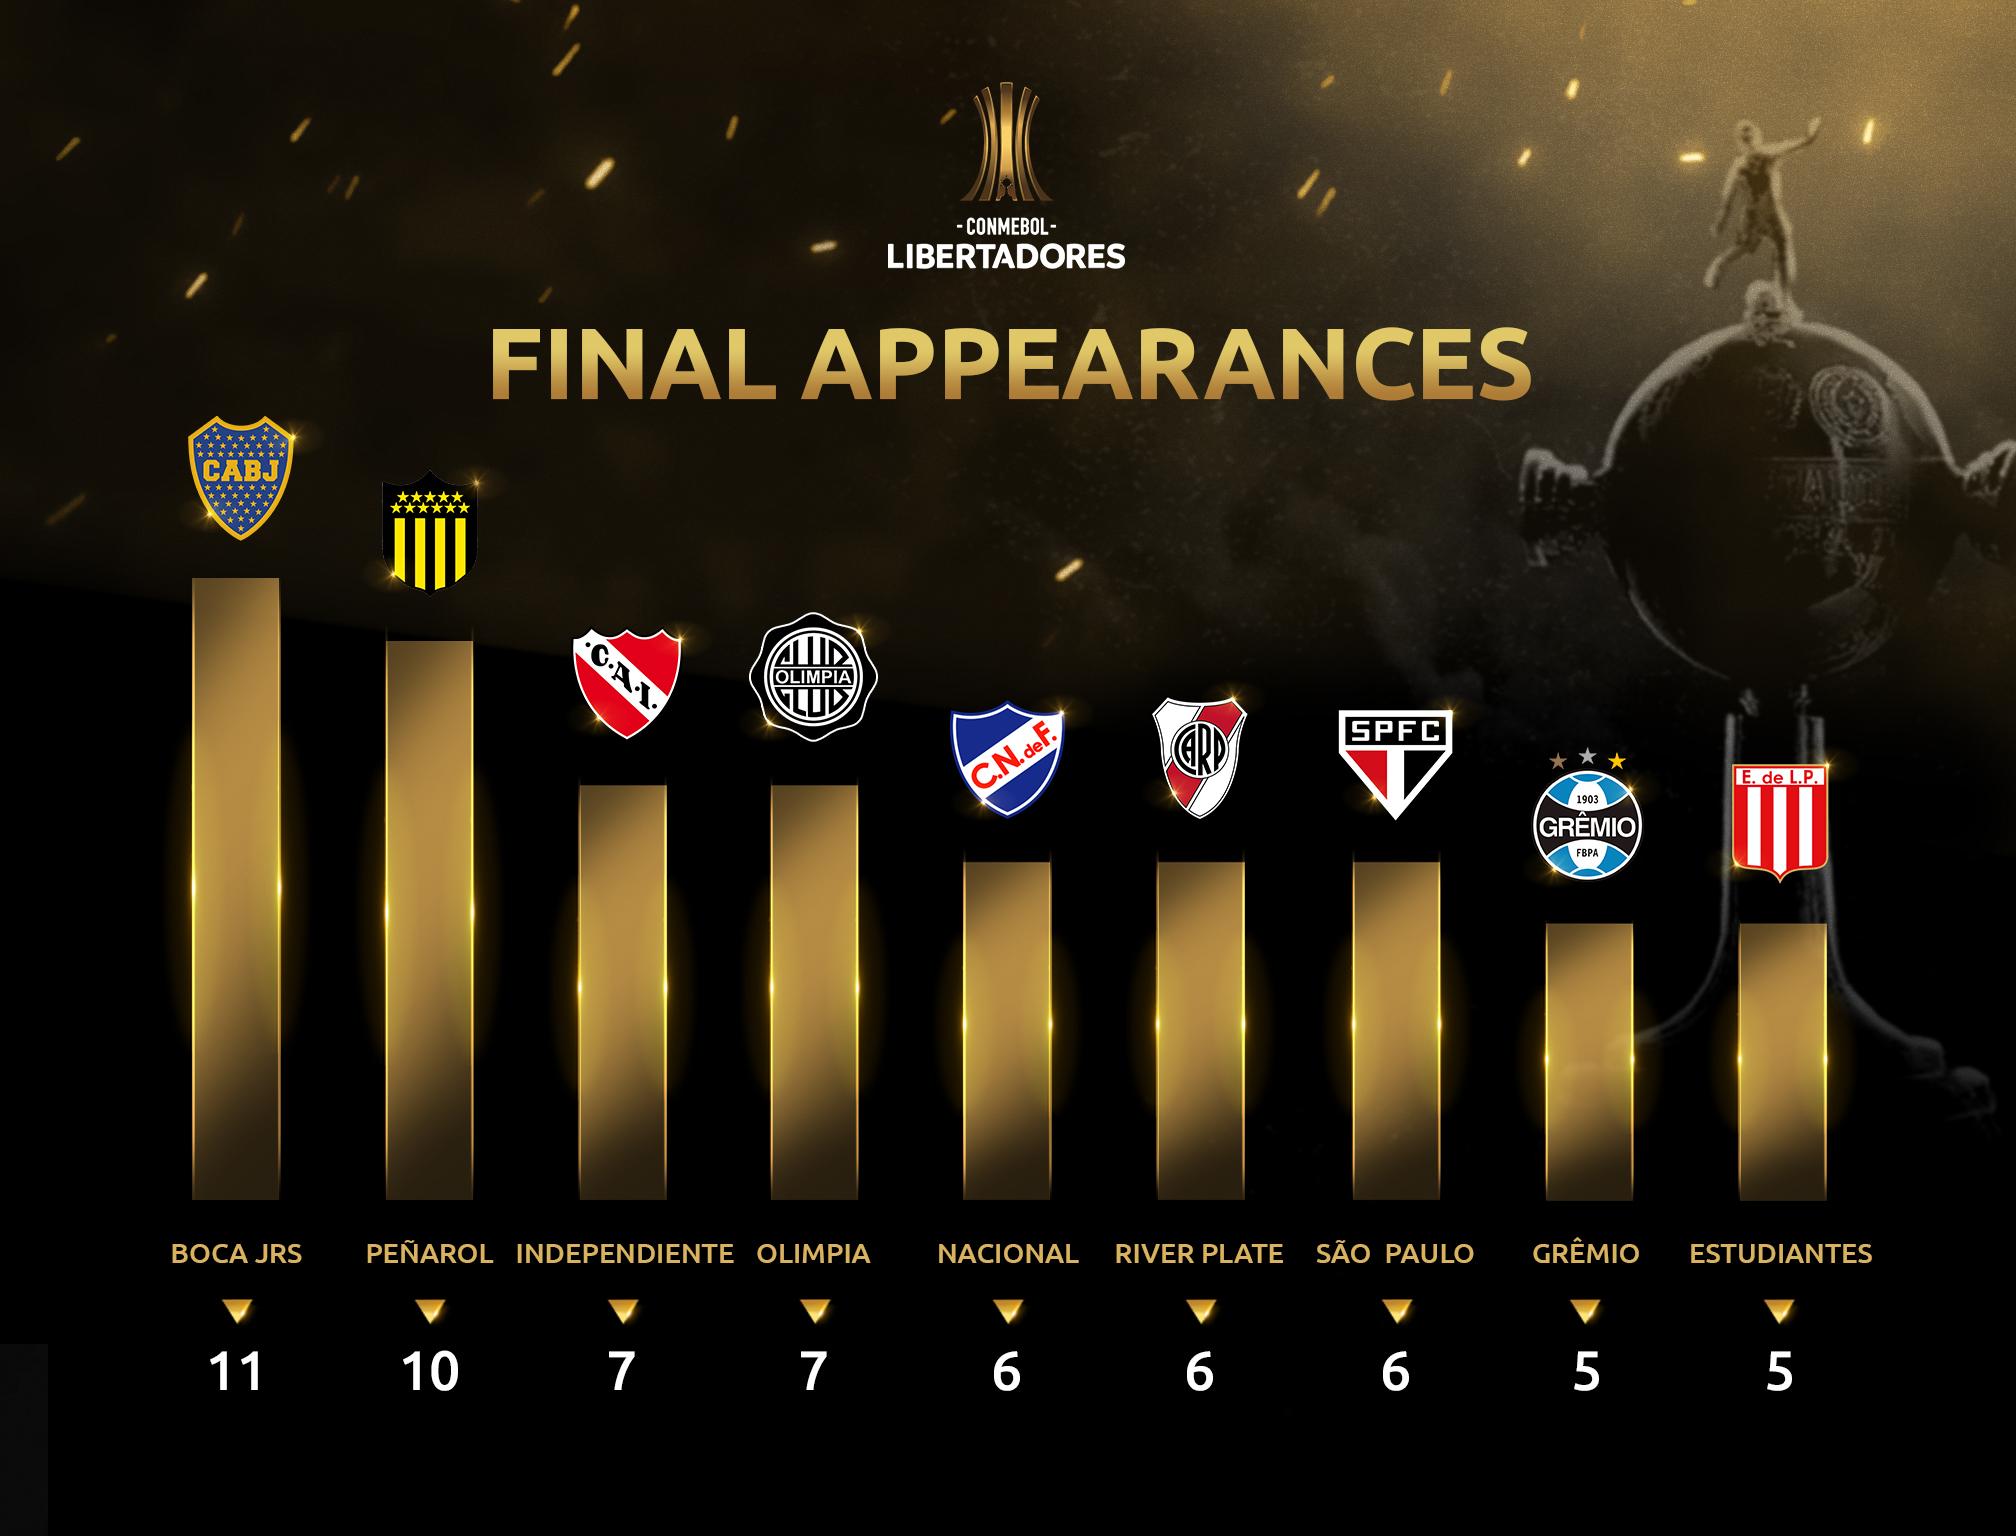 Libertadores Final Appearances